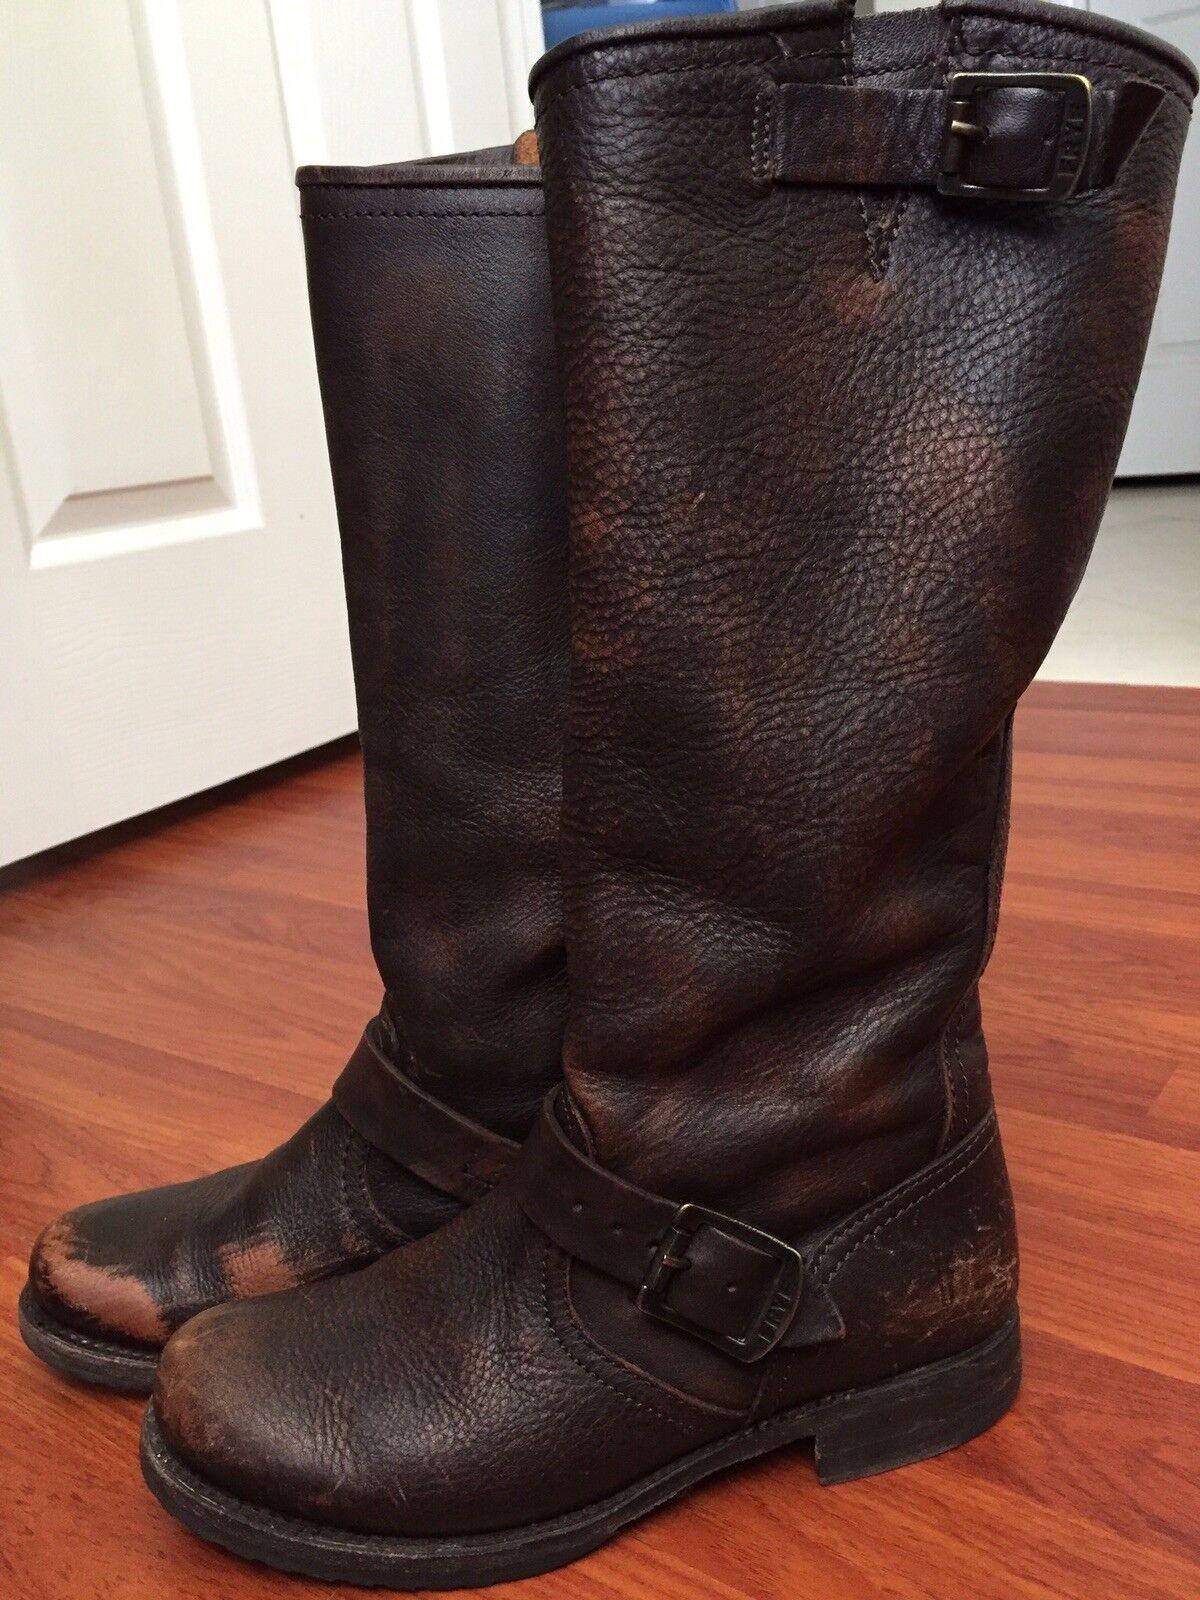 Women's Frye Boot's?Size 7 1/2, Cognac blend color